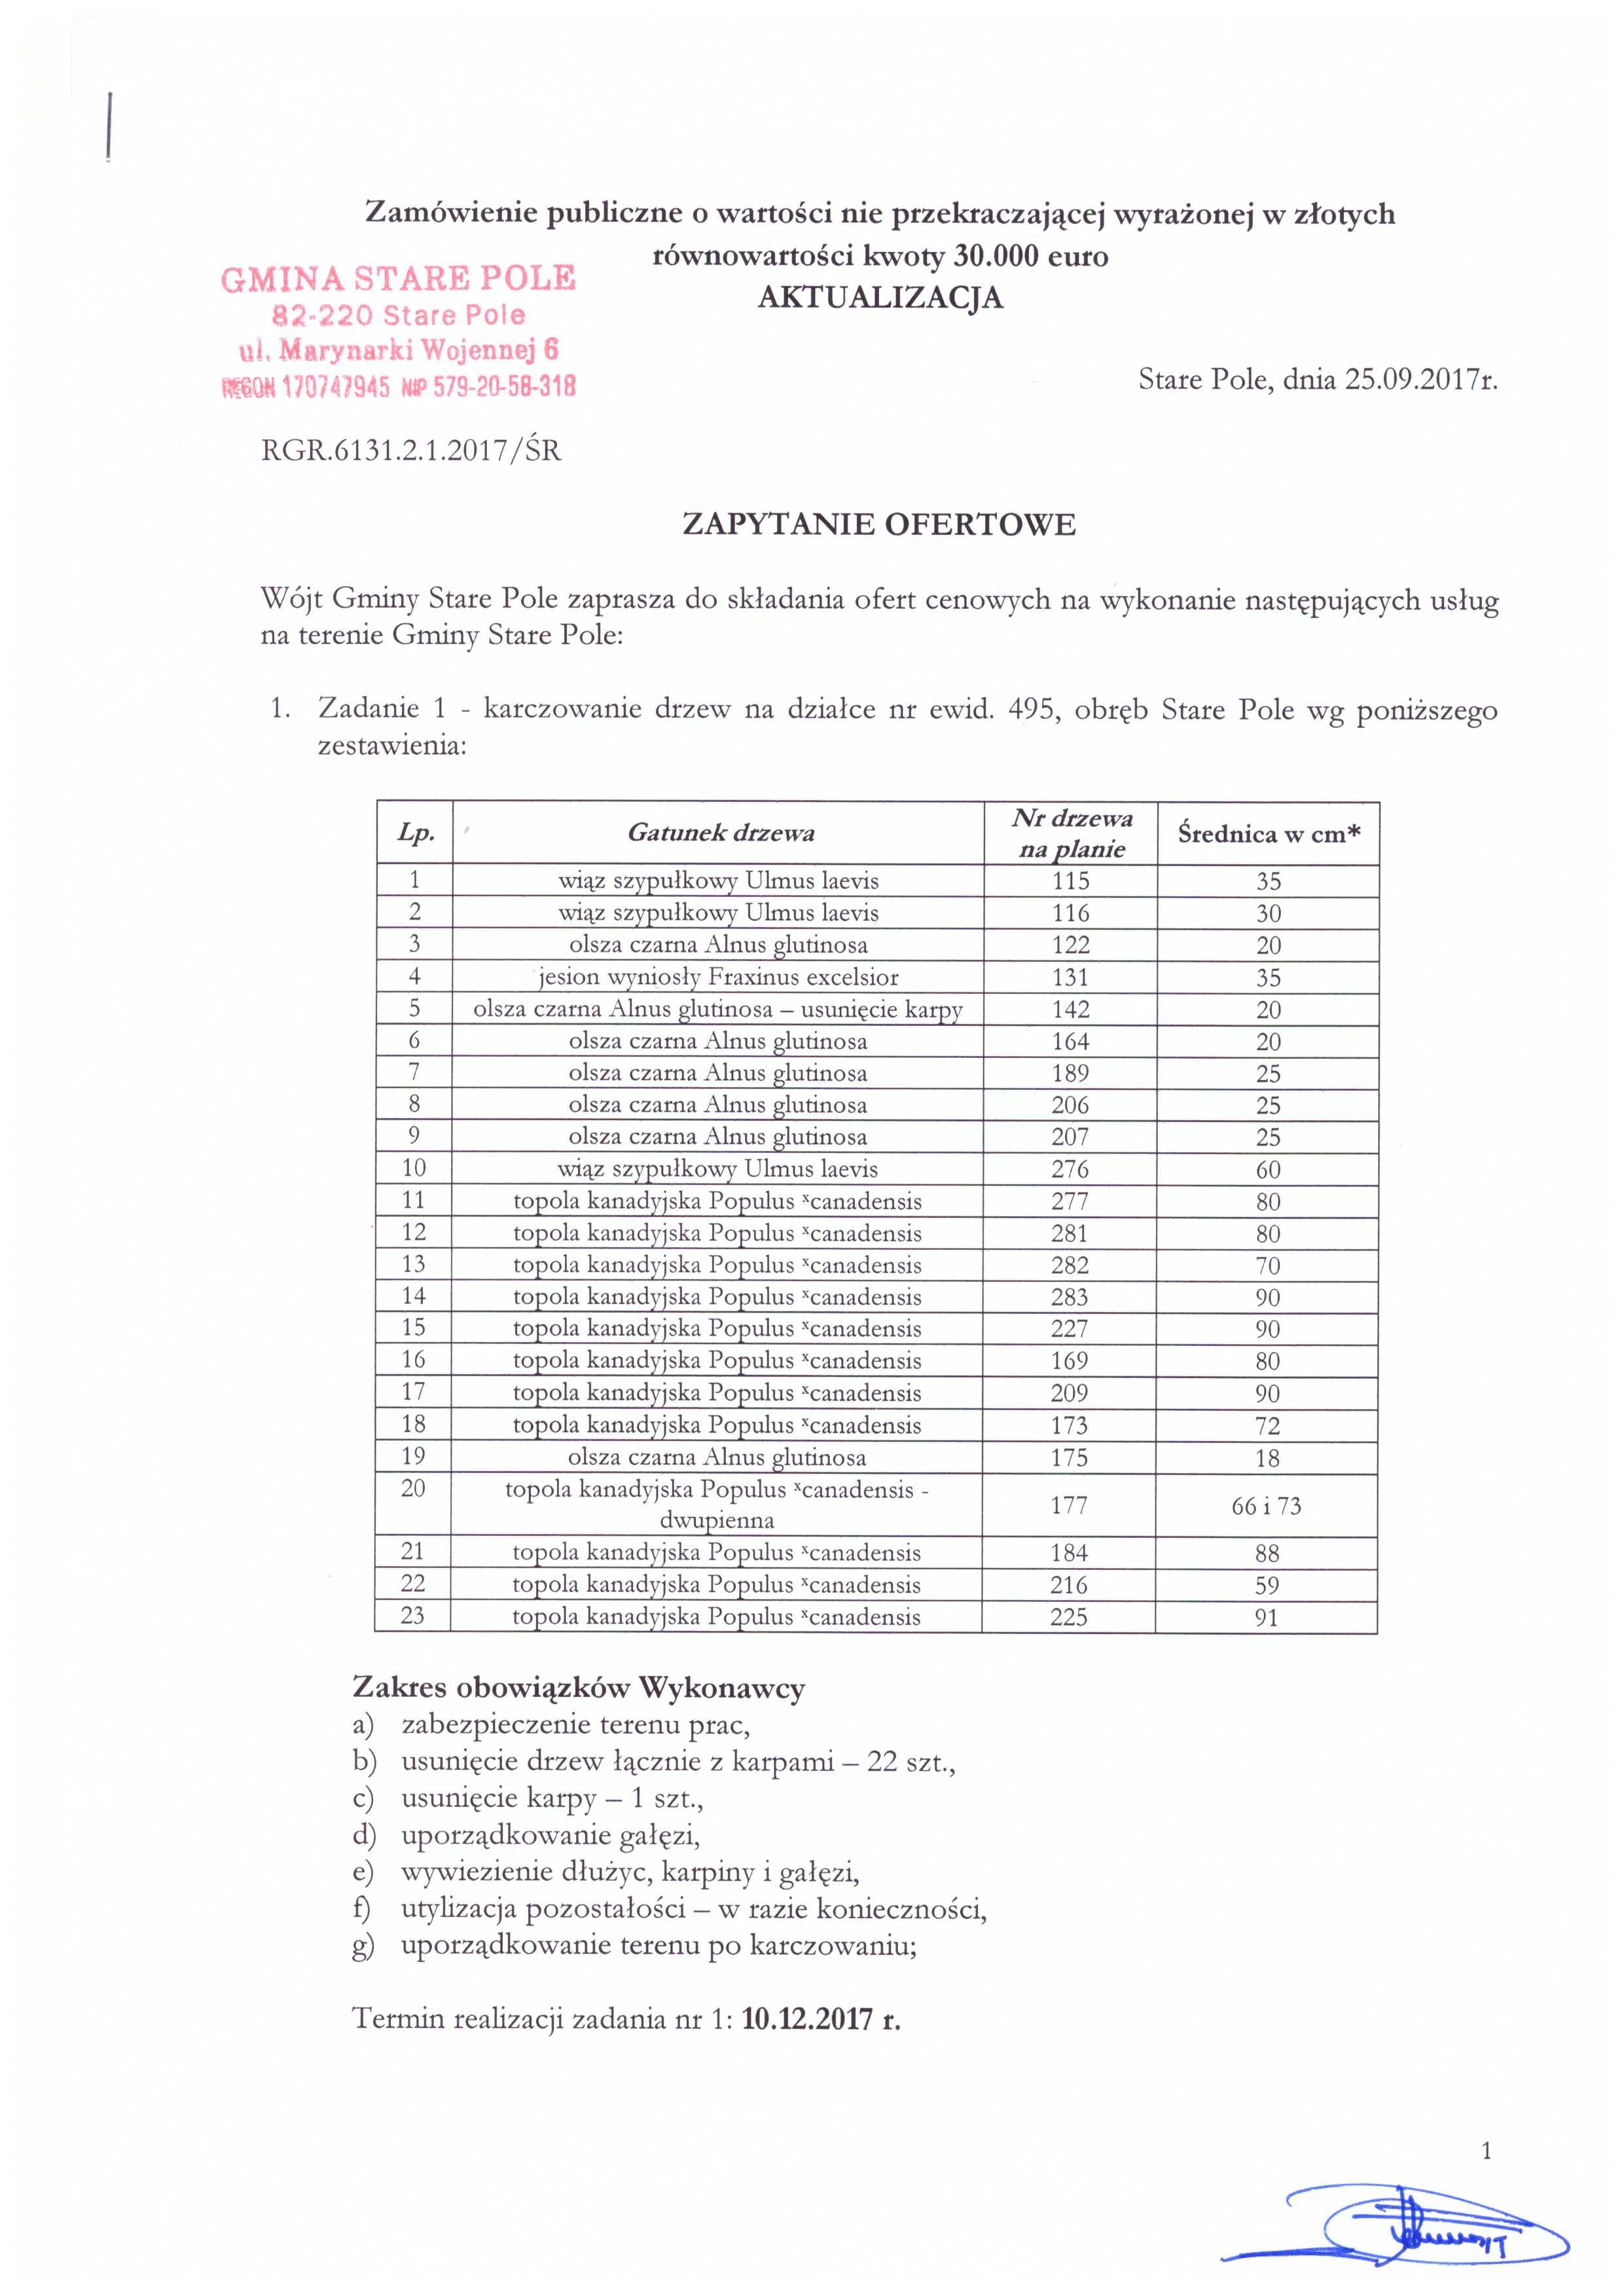 Aktualizacja z dnia 25 września 2017 r. zapytania ofertowego - str. 1